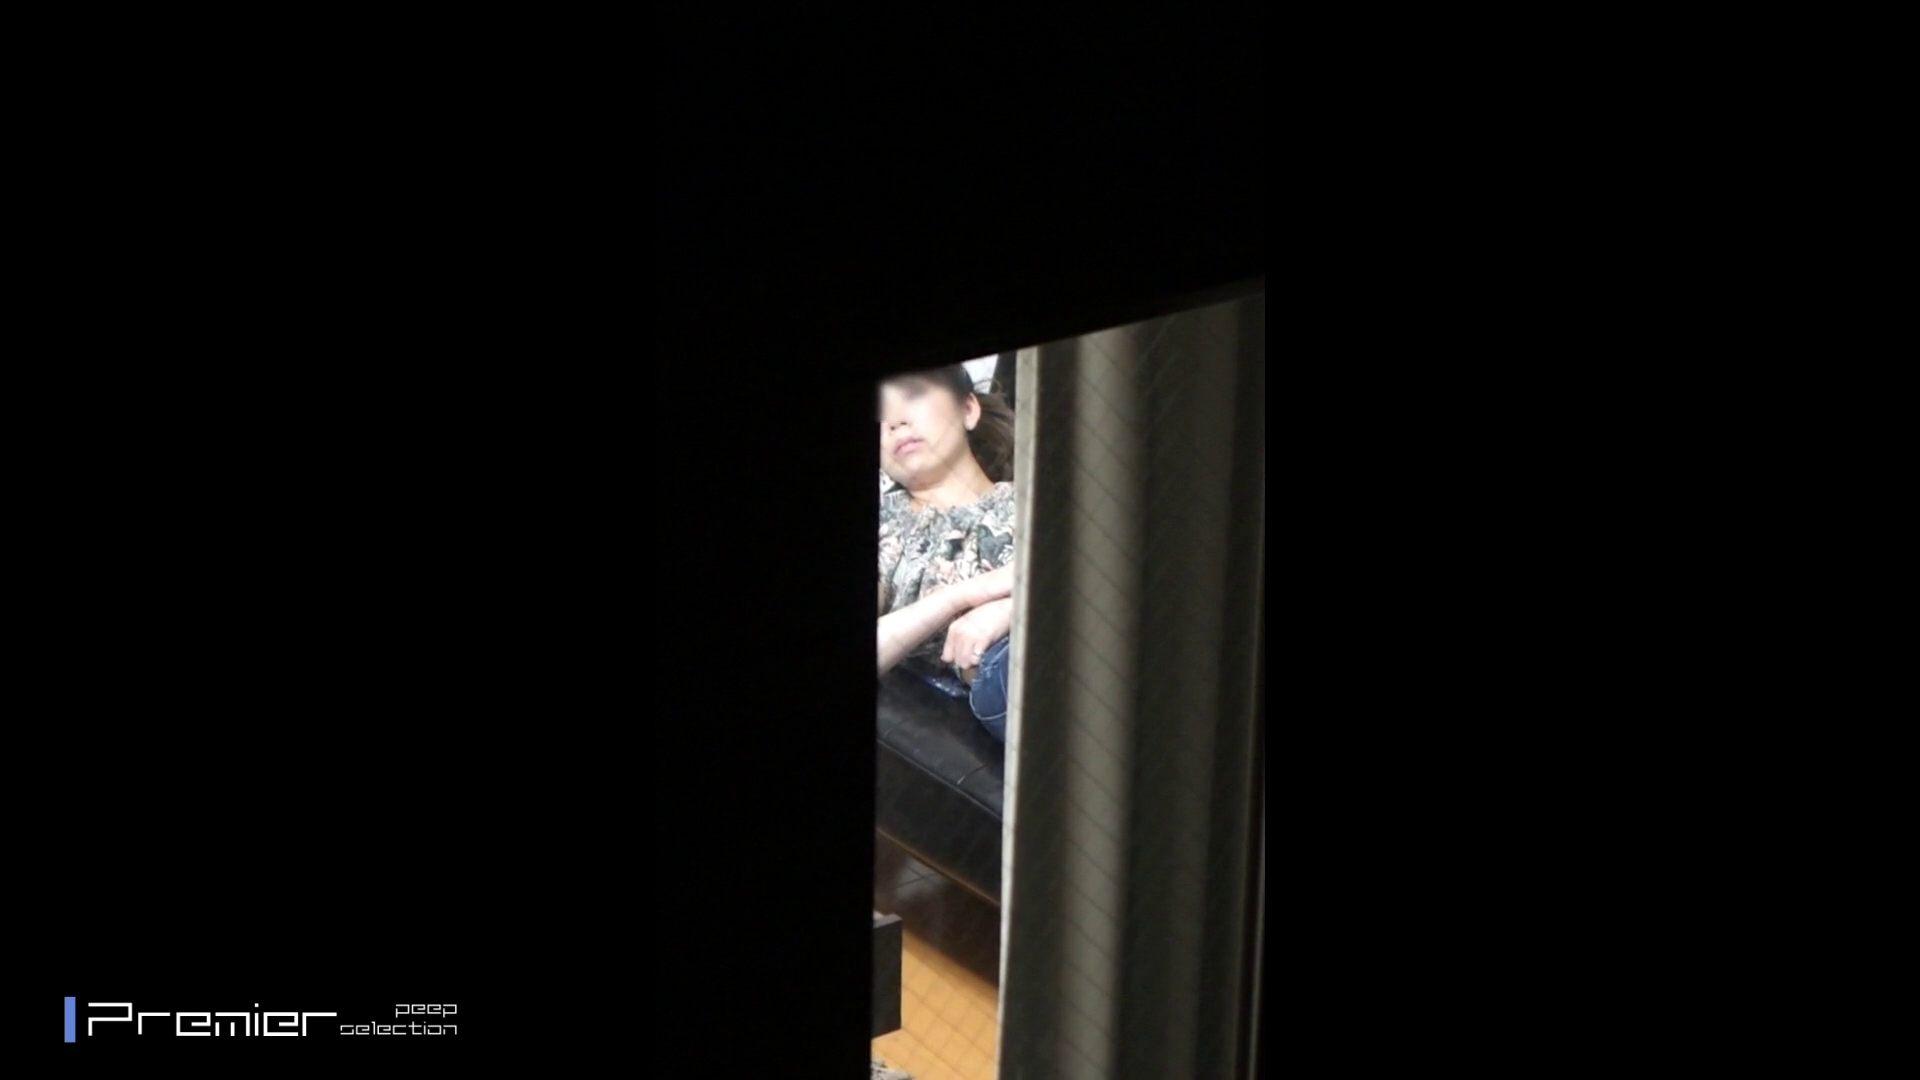 美人 OL のおっぱいとセクシーランジェリー  美女達の私生活に潜入! 美女 セックス無修正動画無料 71画像 51